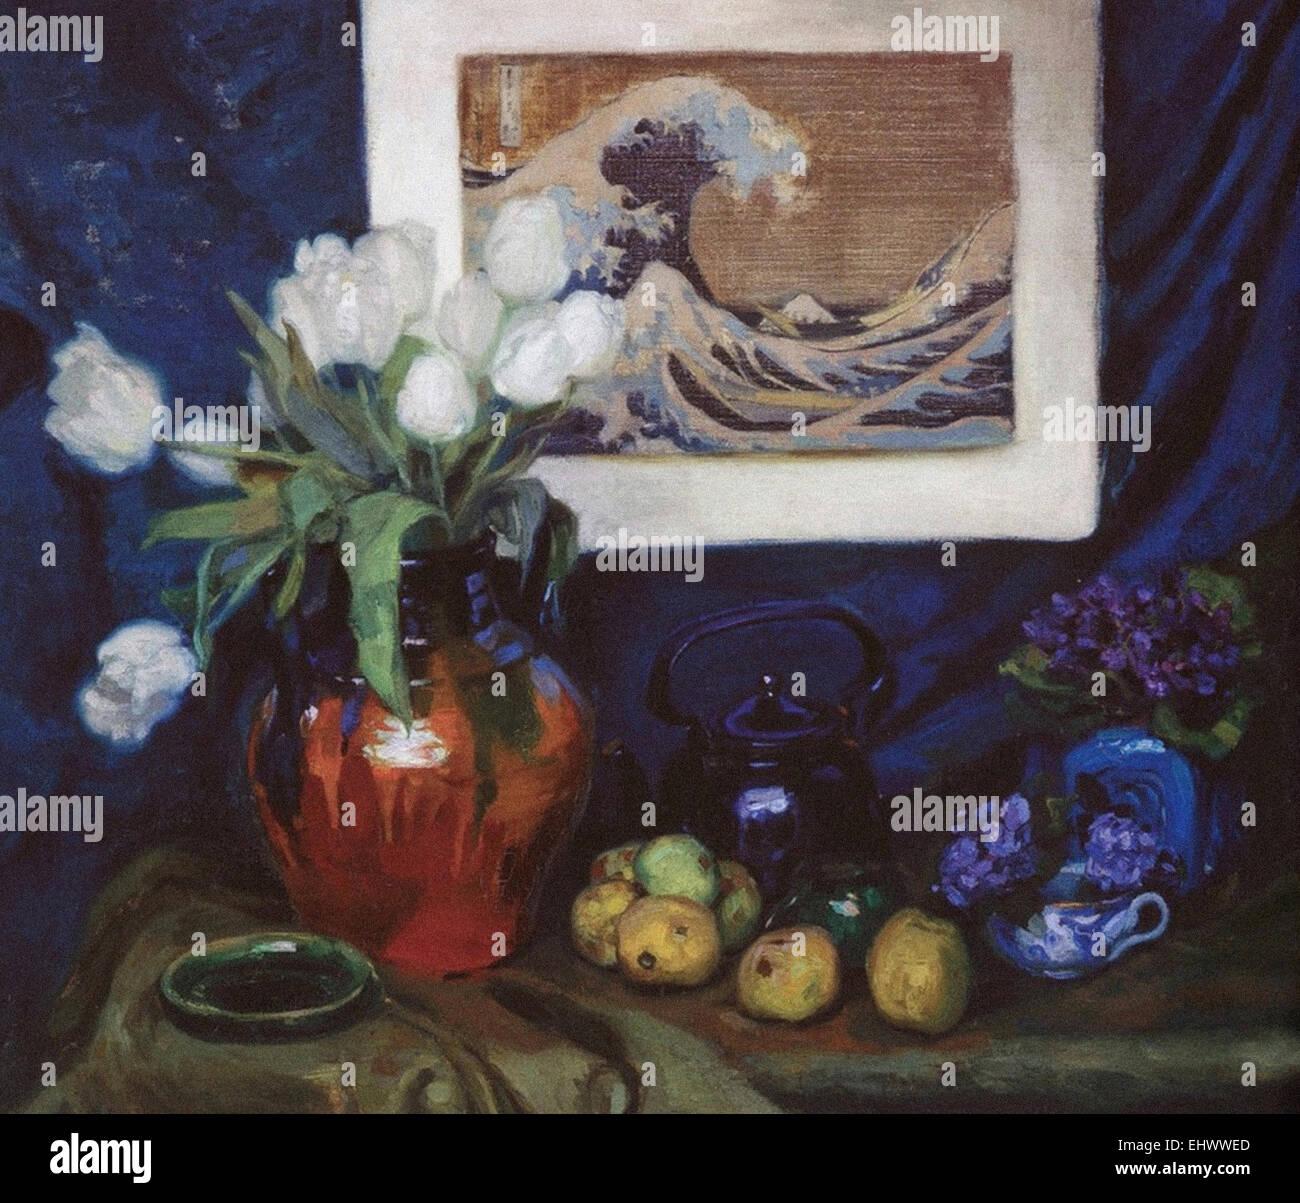 Diego Rivera Bodegón con Impresión japonesa Imagen De Stock